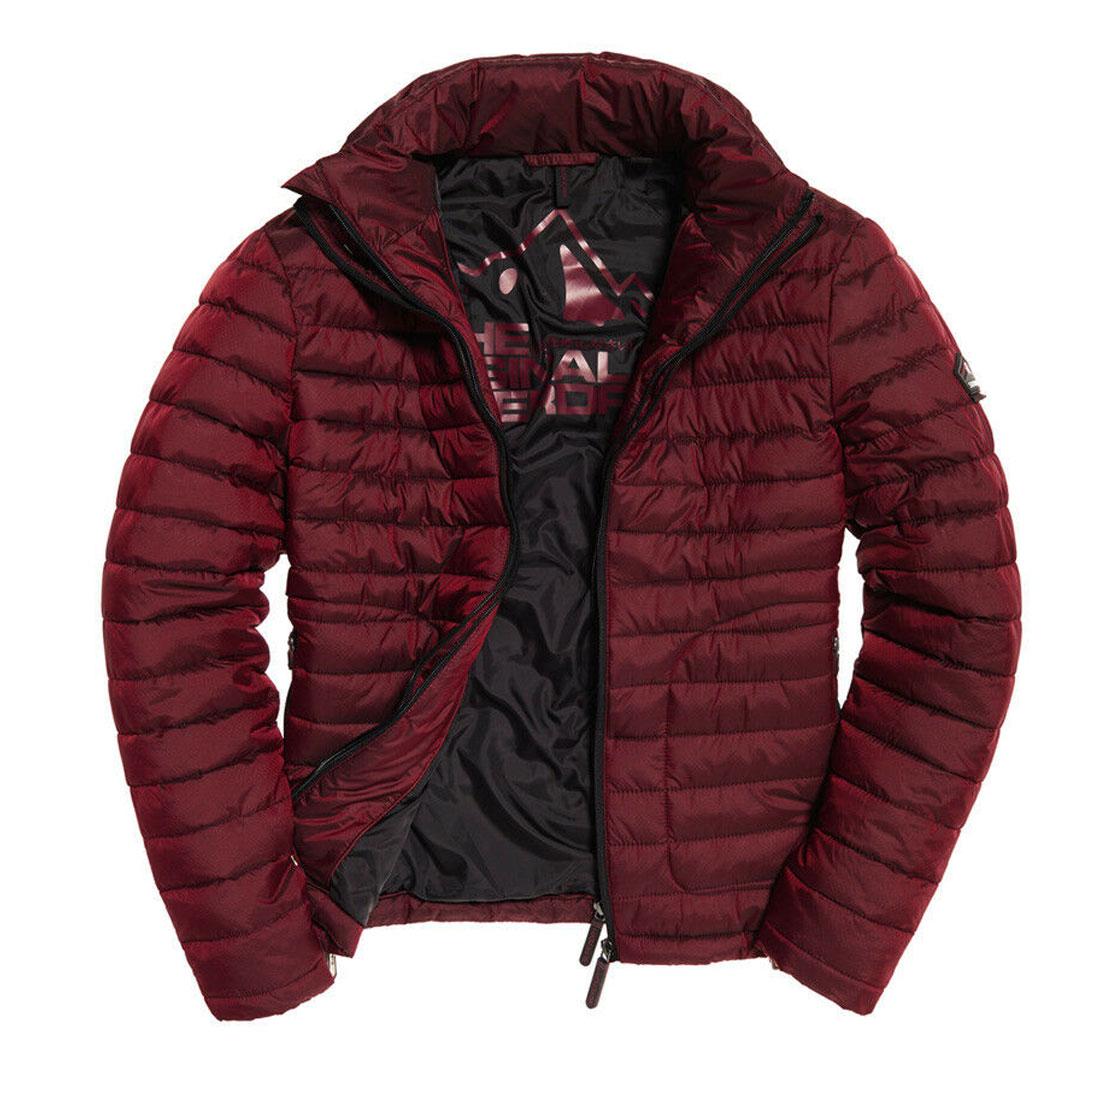 Camisa-para-hombre-Fuji-chaqueta-de-doble-cremallera